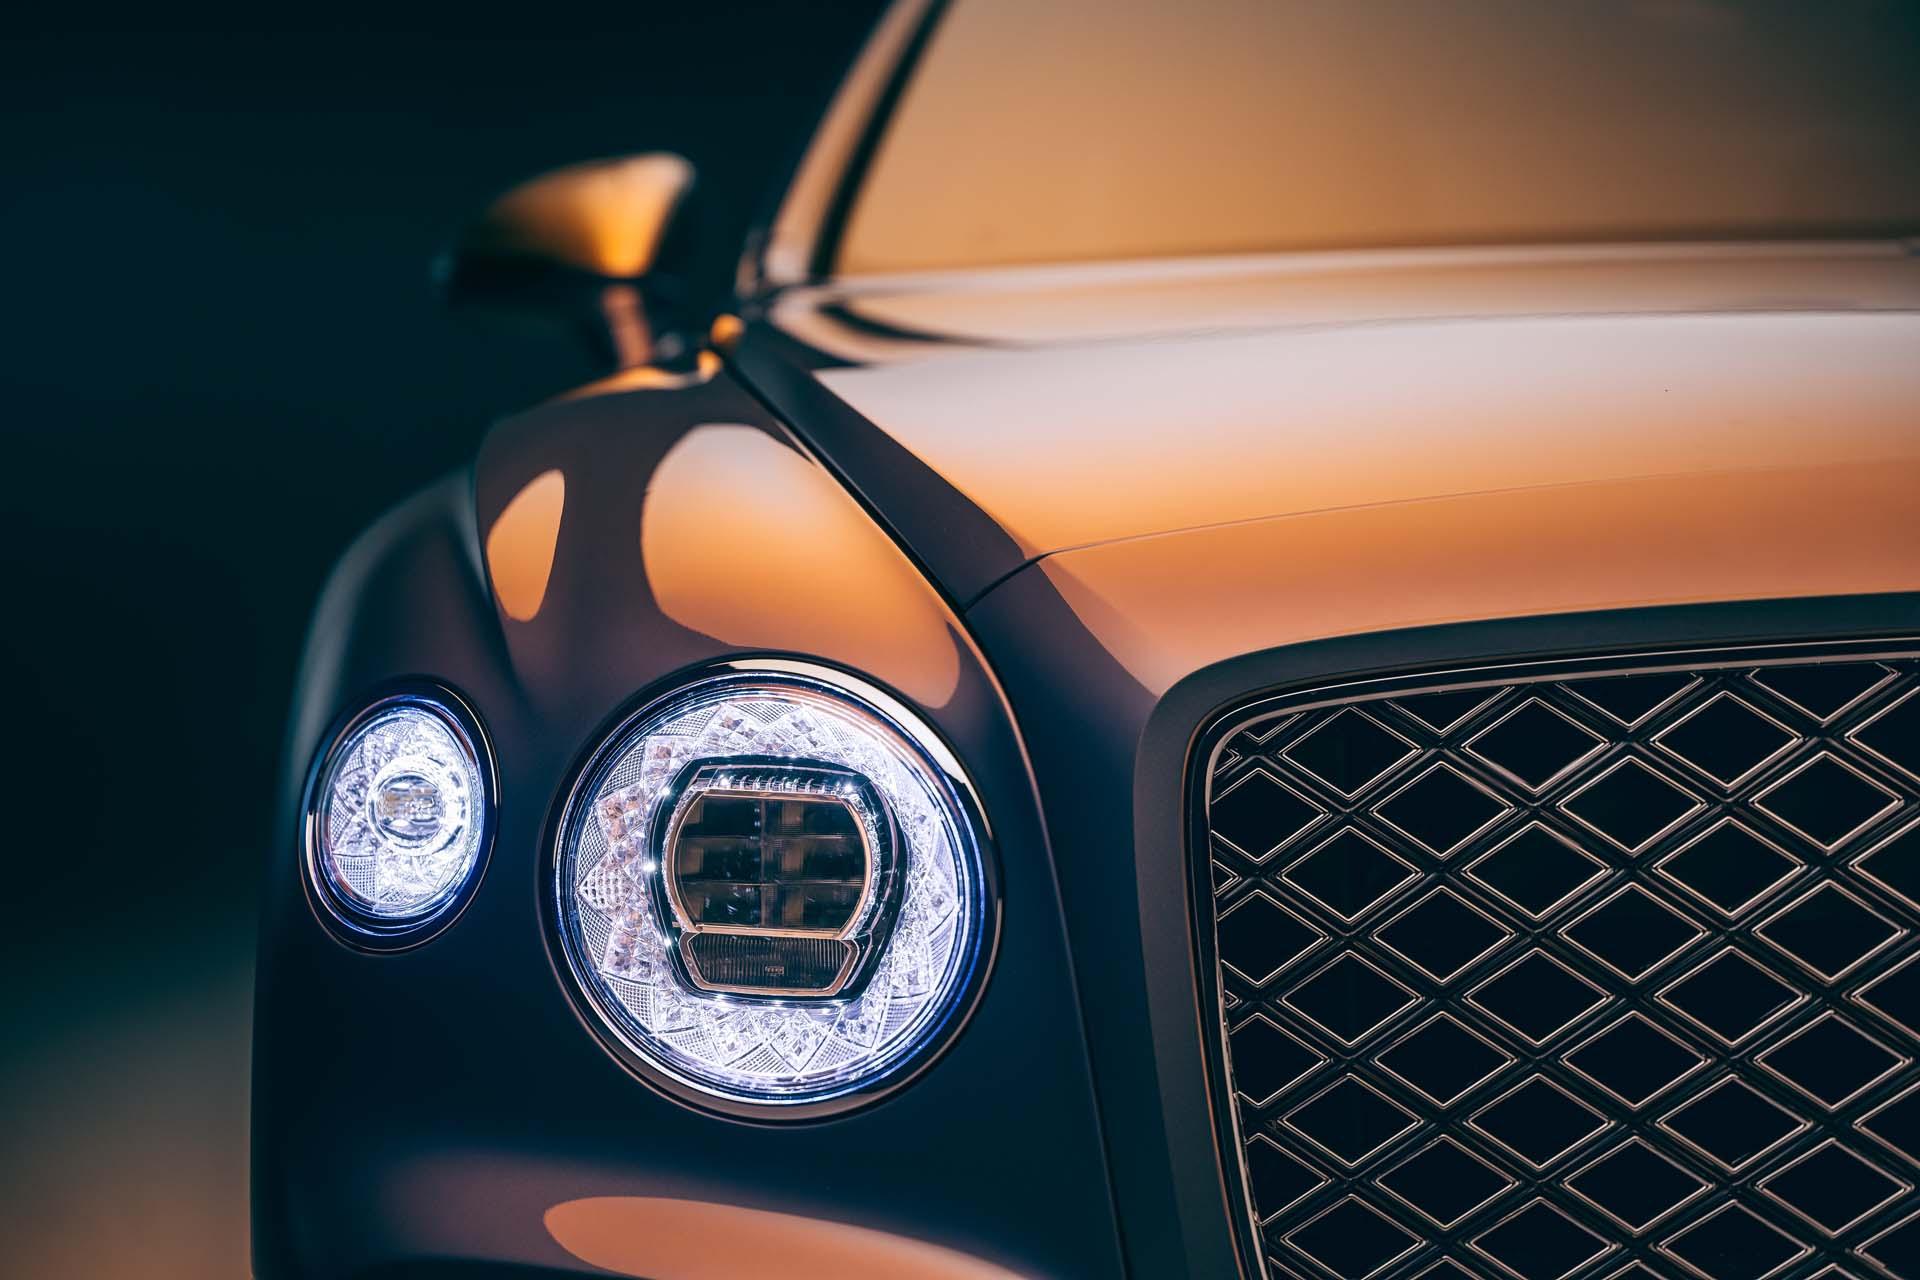 2022 Bentley Flying Spur Mulliner Headlight Wallpapers (5)